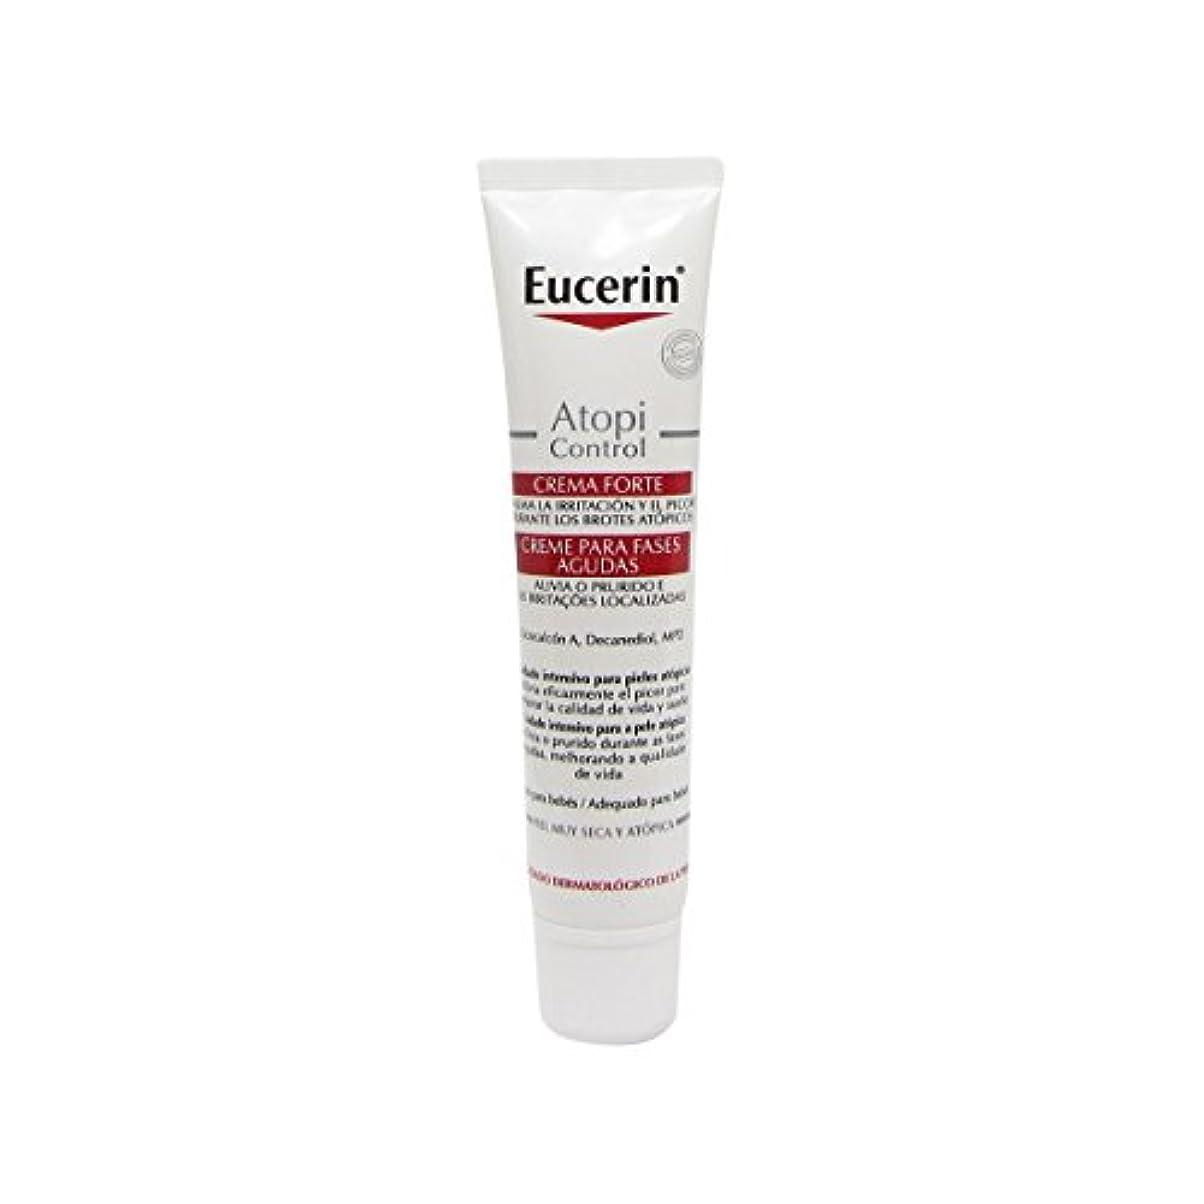 現象広々としたエアコンEucerin Atopicontrol Acute Care Cream 40ml [並行輸入品]